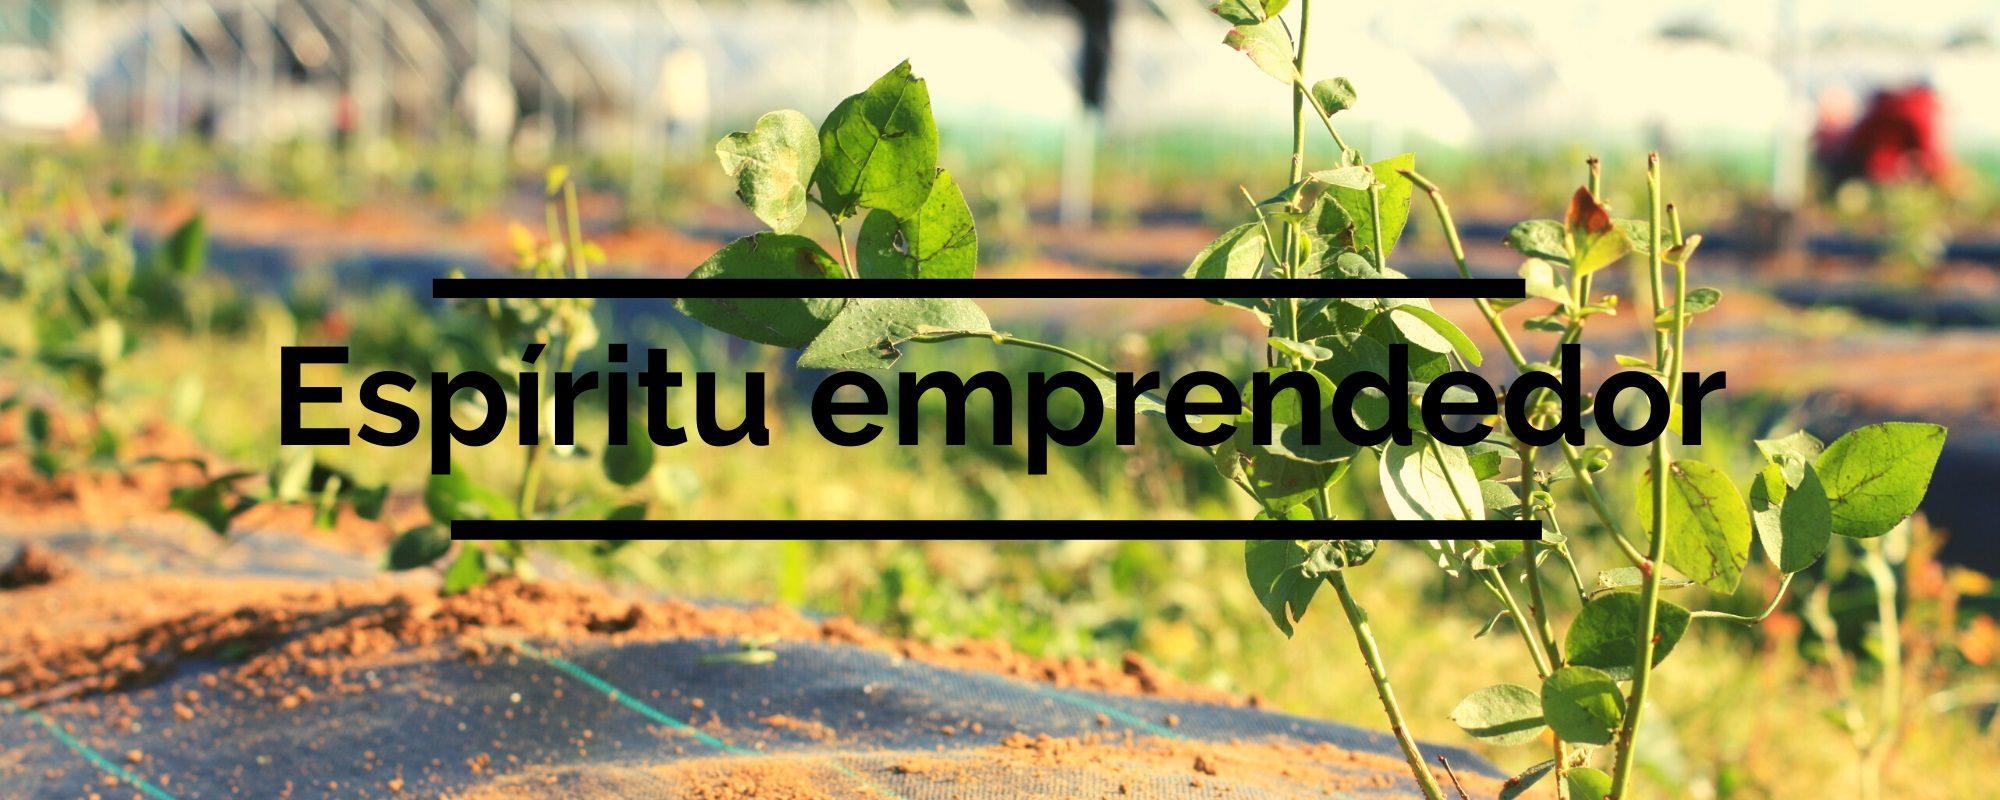 agroecologica-el-origen-espiritu-emprendedor-01